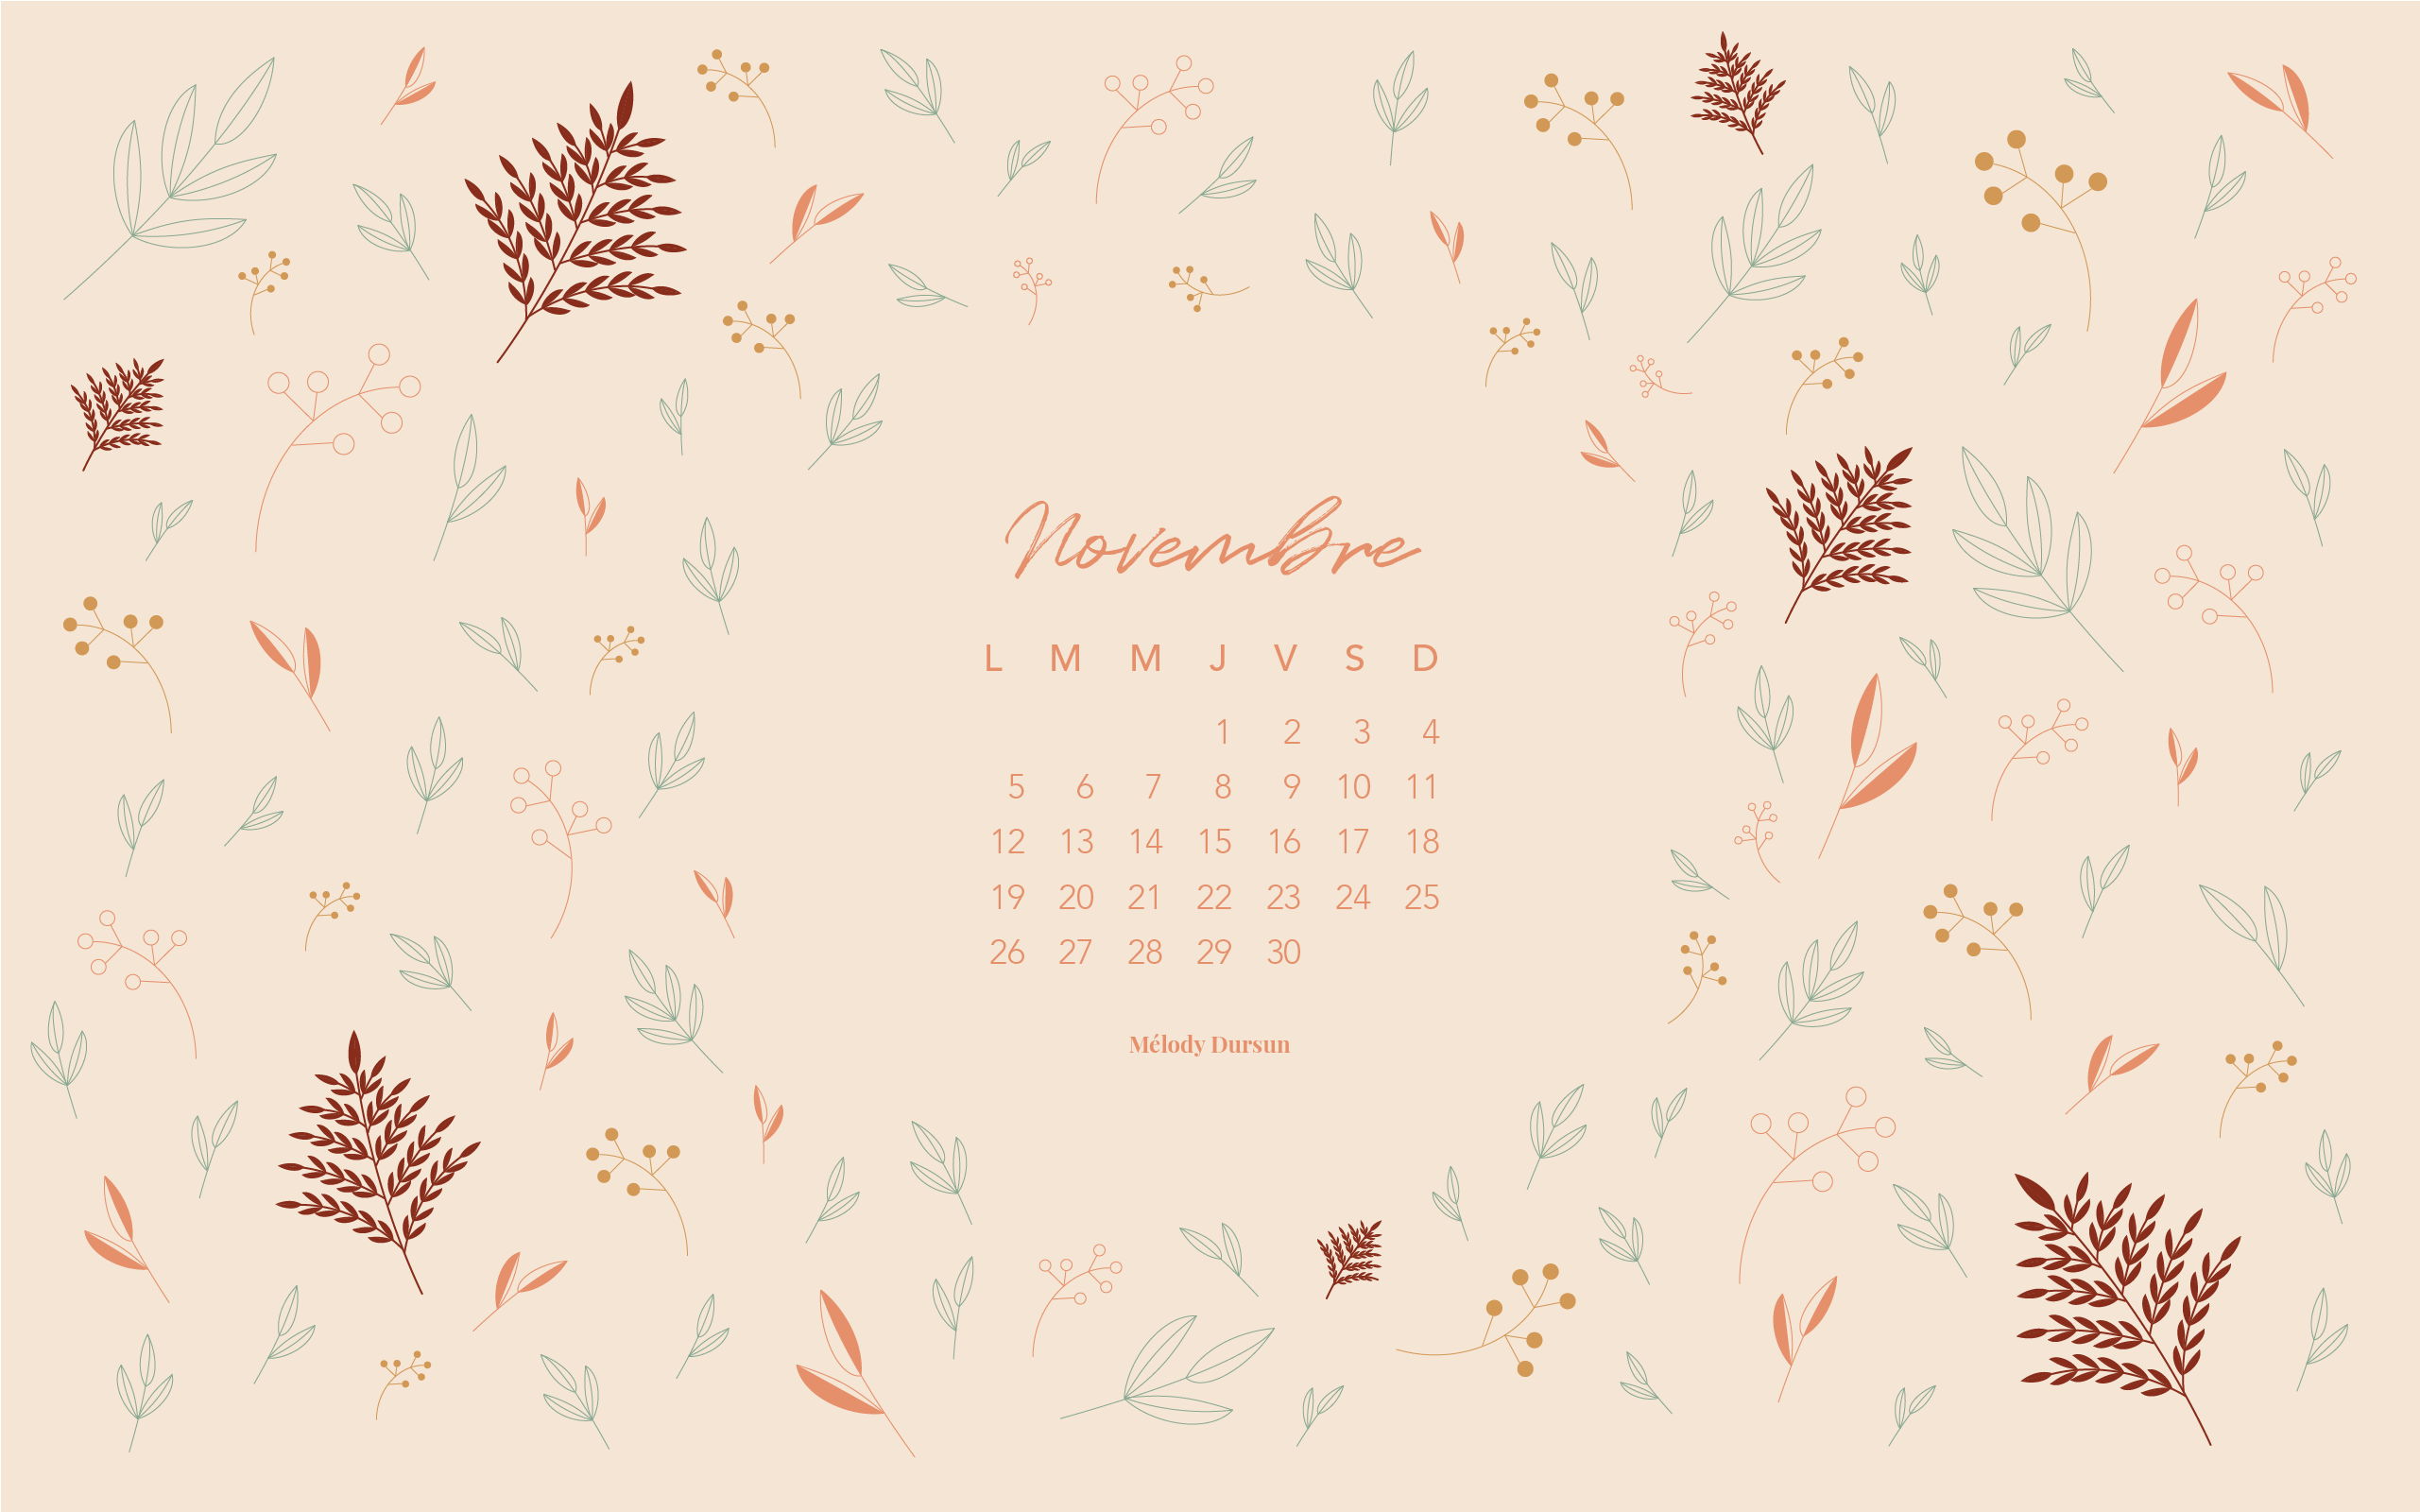 Calendrier & fonds d'écran – Novembre 2018